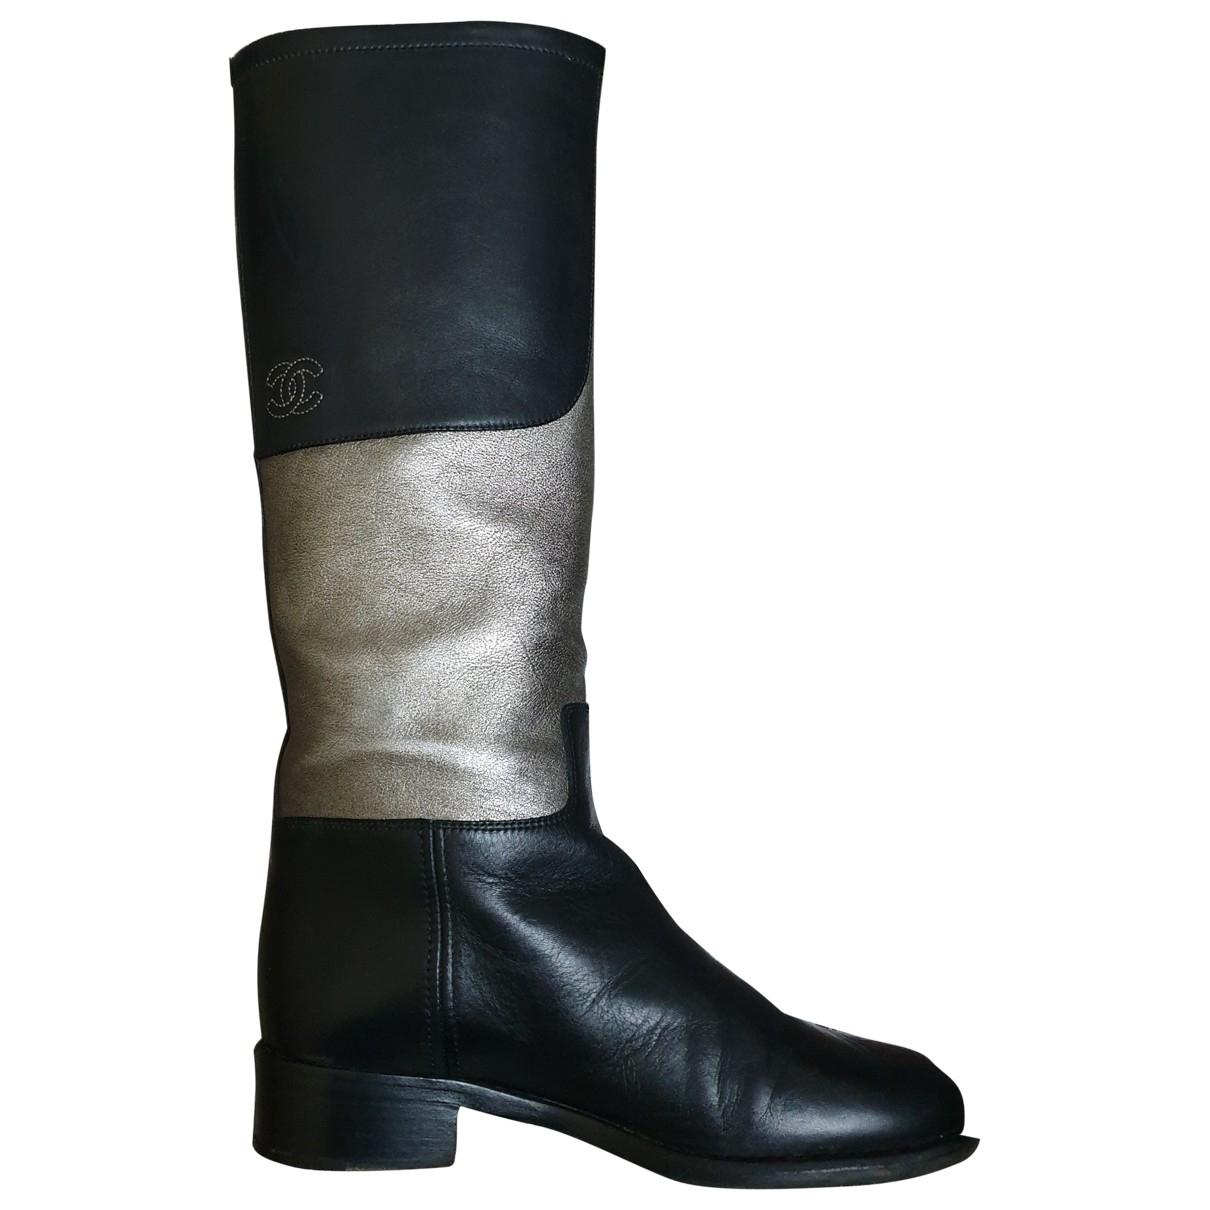 Botas altas de Cuero Chanel